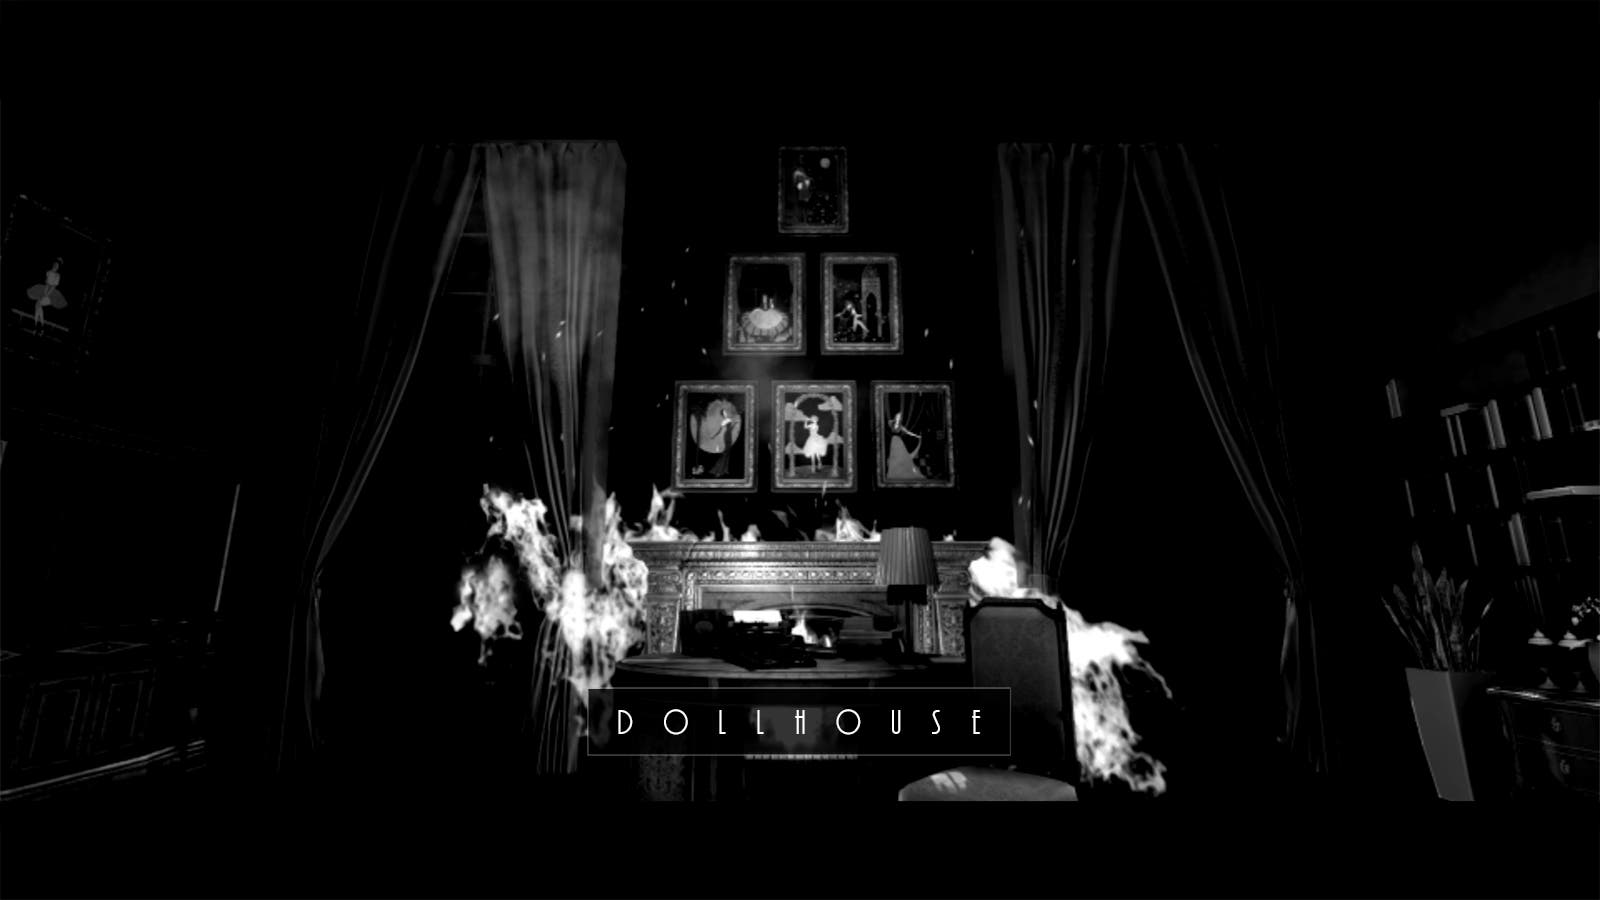 Imagen de El misterioso Dollhouse muestra un tráiler centrado en su historia